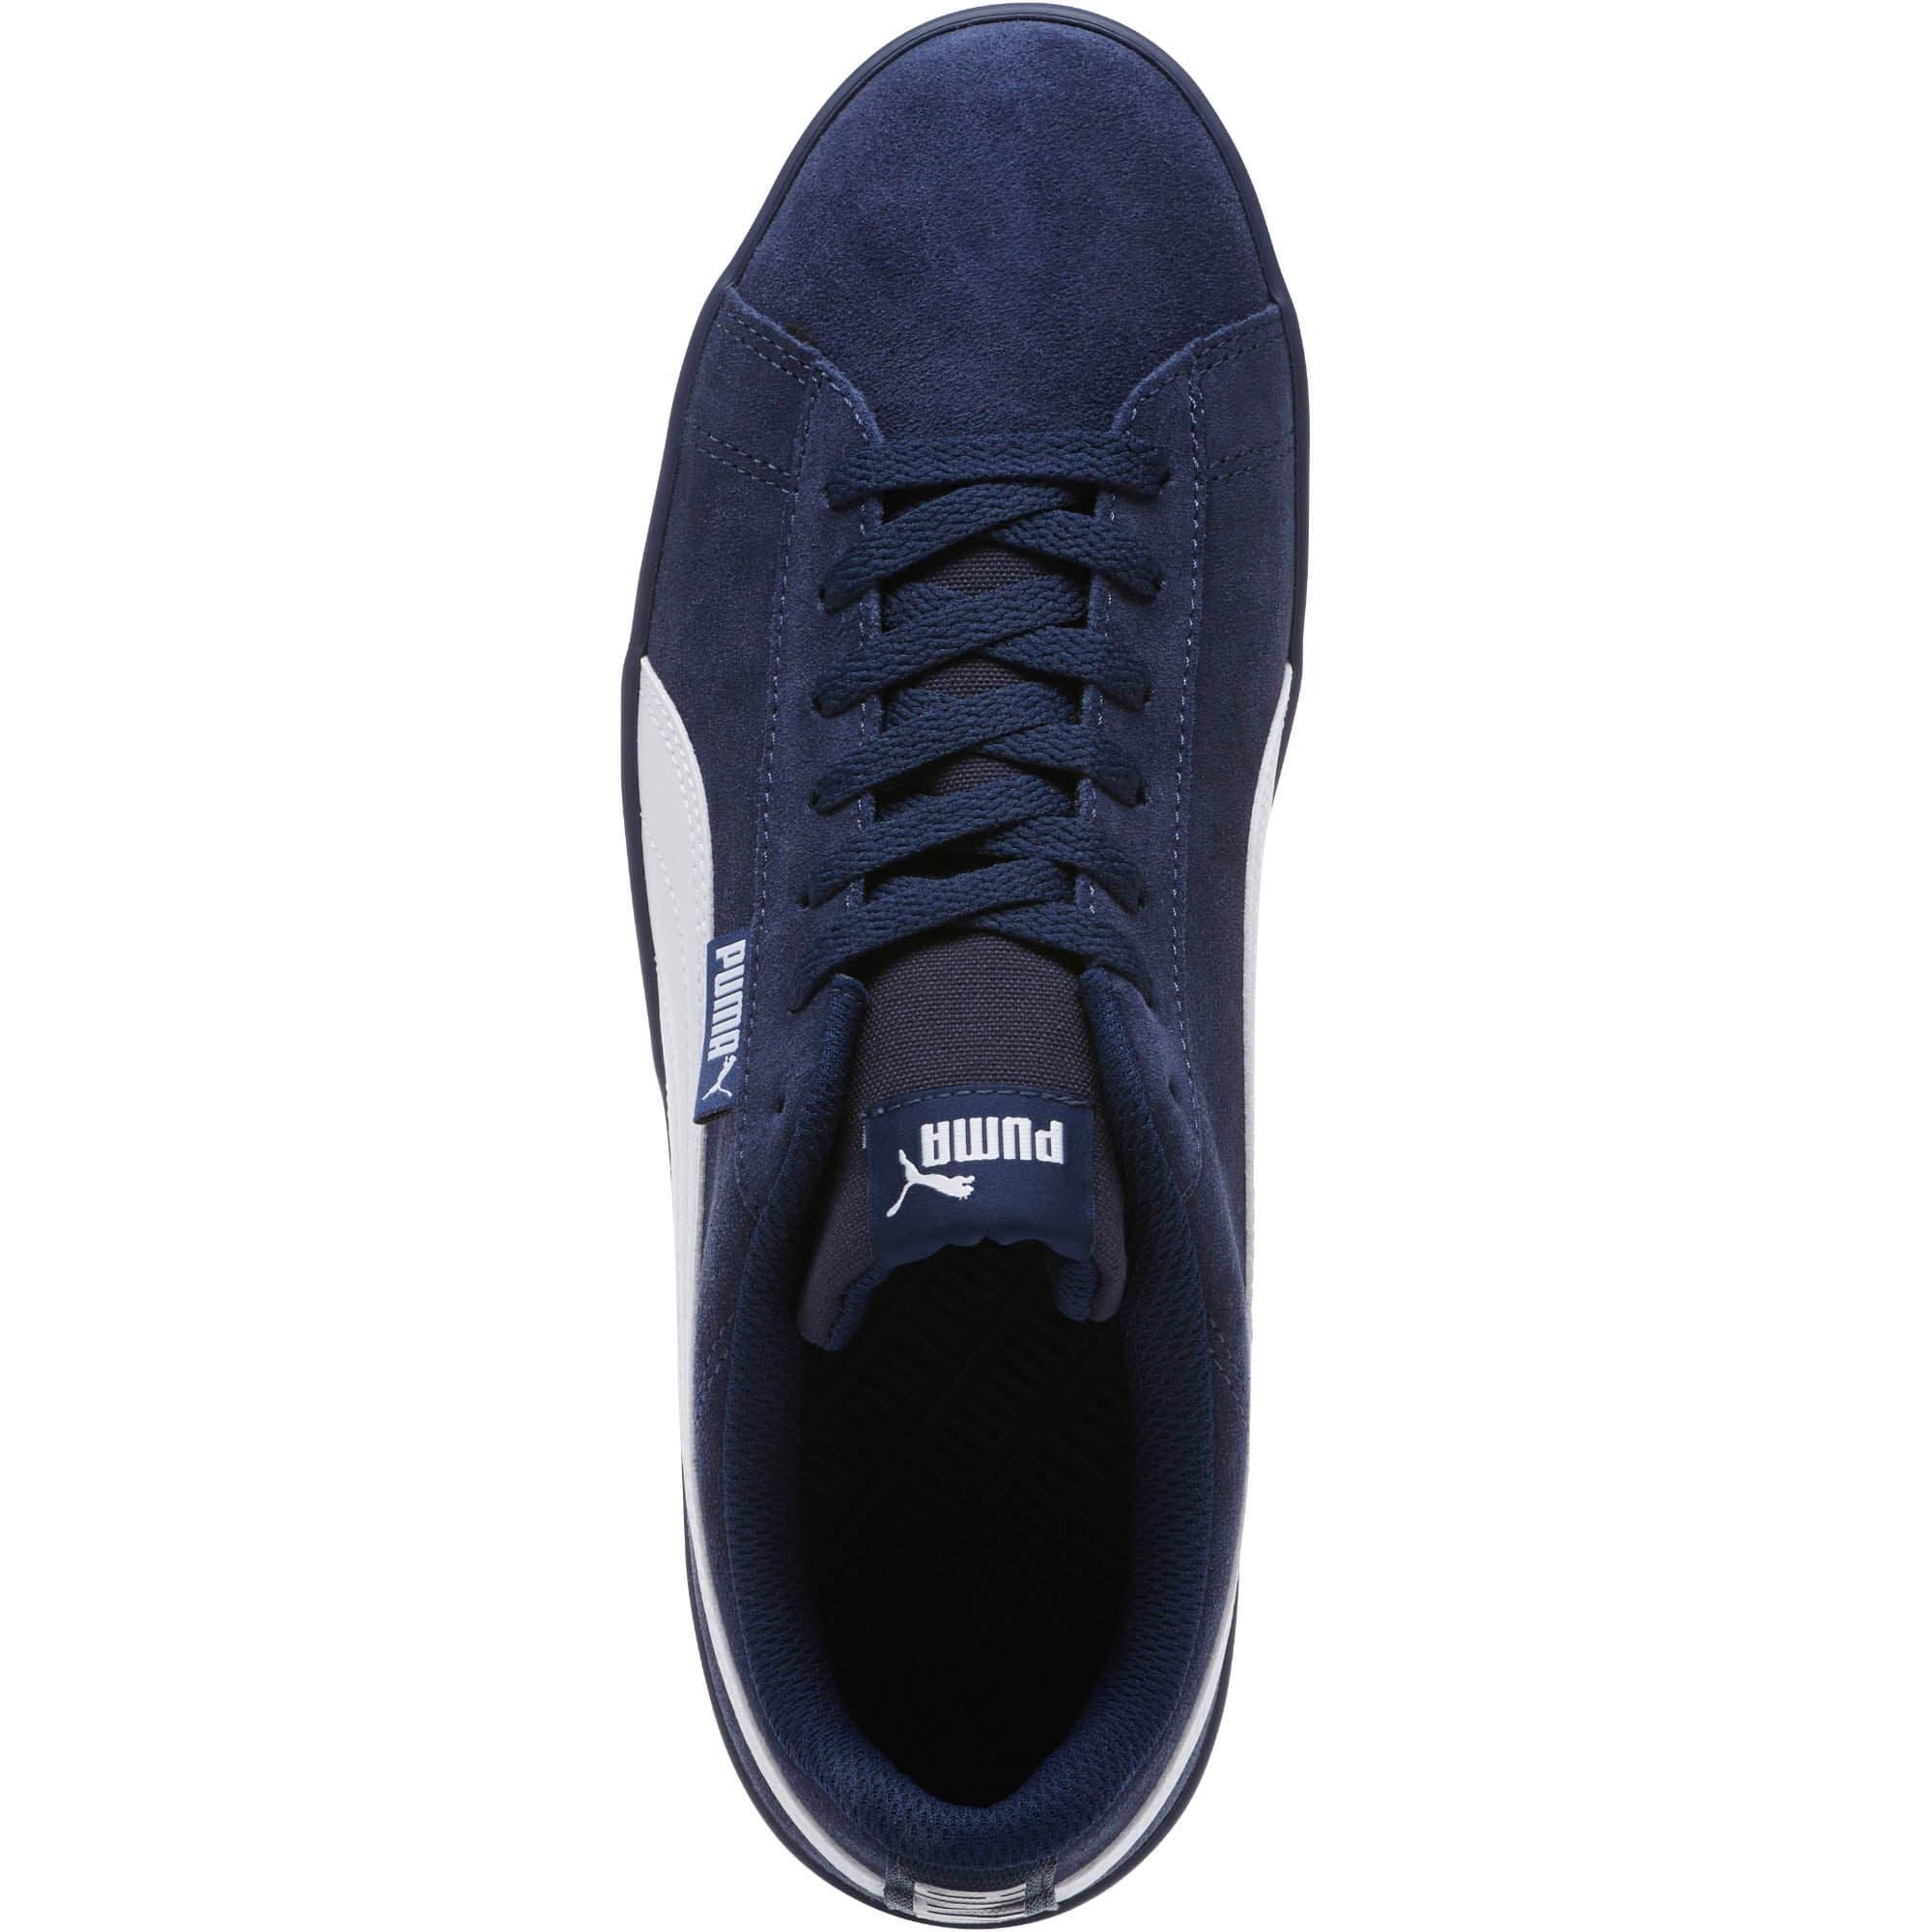 PUMA Urban Plus Suede Sneaker in Blue